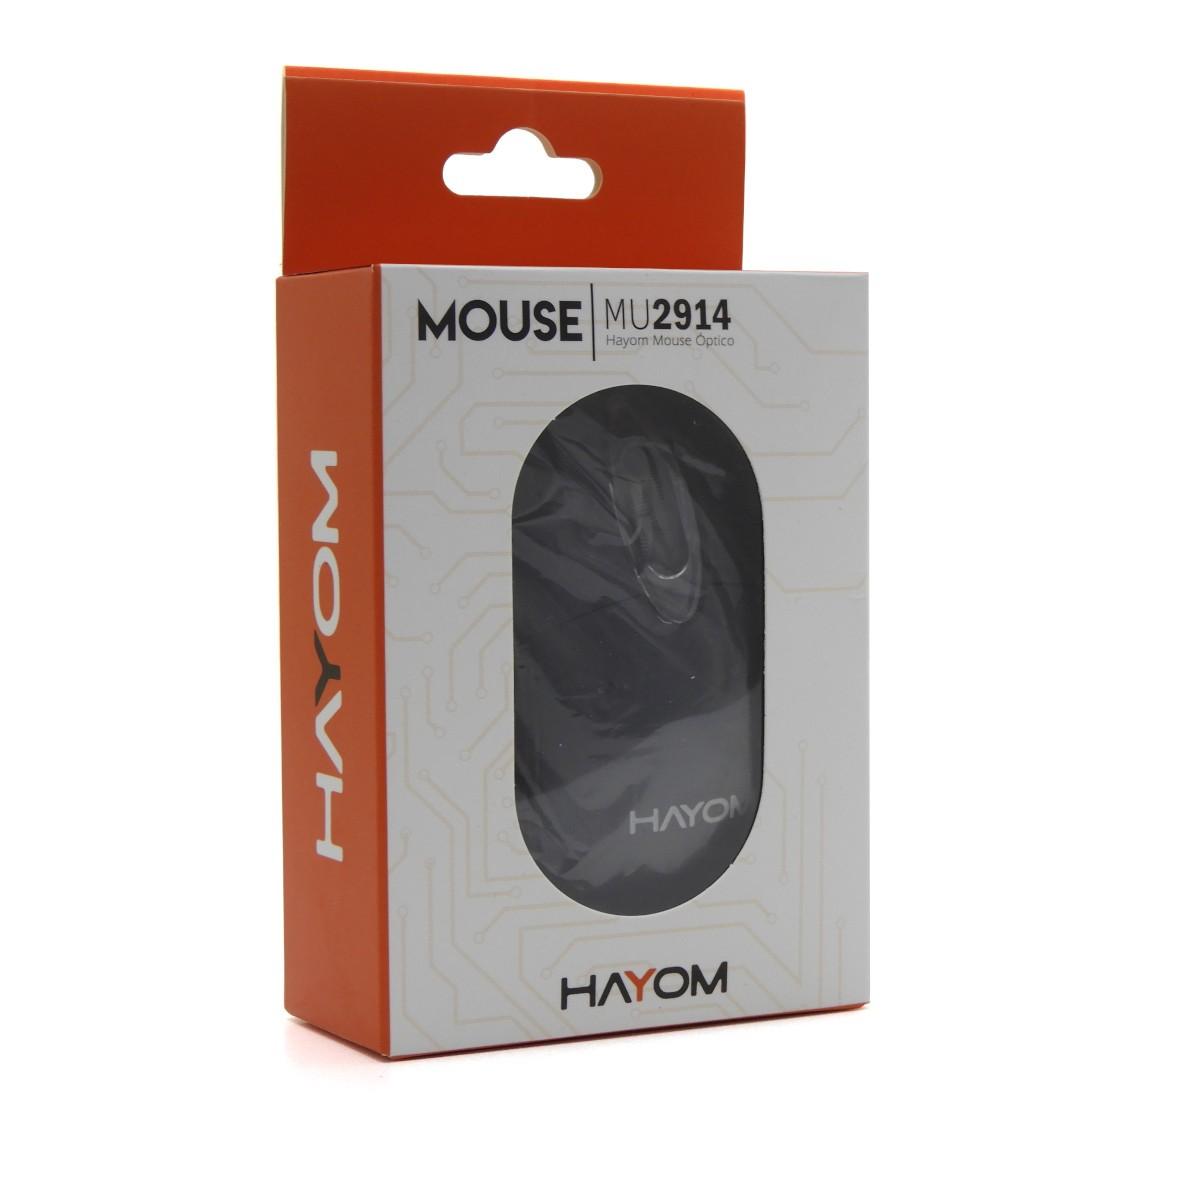 Mouse Óptico com fio 1,2m 1200DPI LED Hayom MU2914